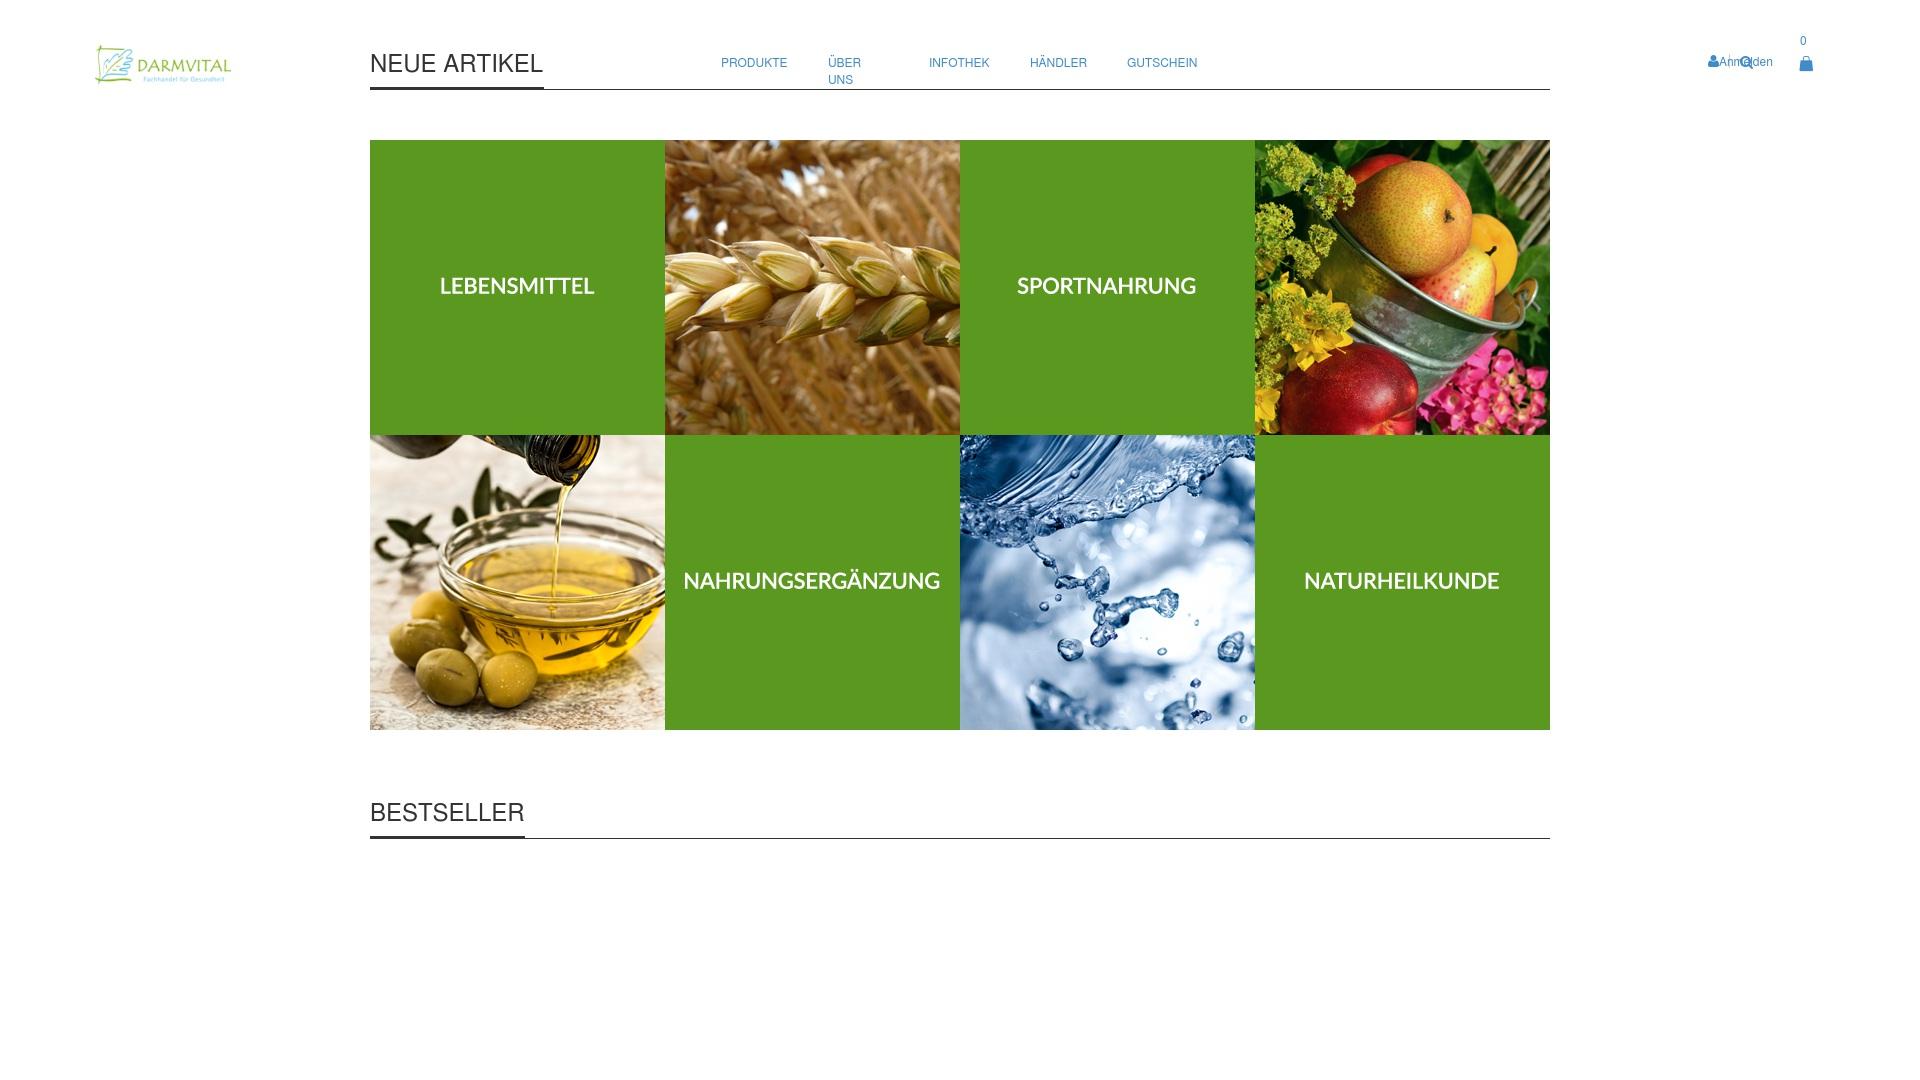 Gutschein für Darmvital: Rabatte für Darmvital sichern